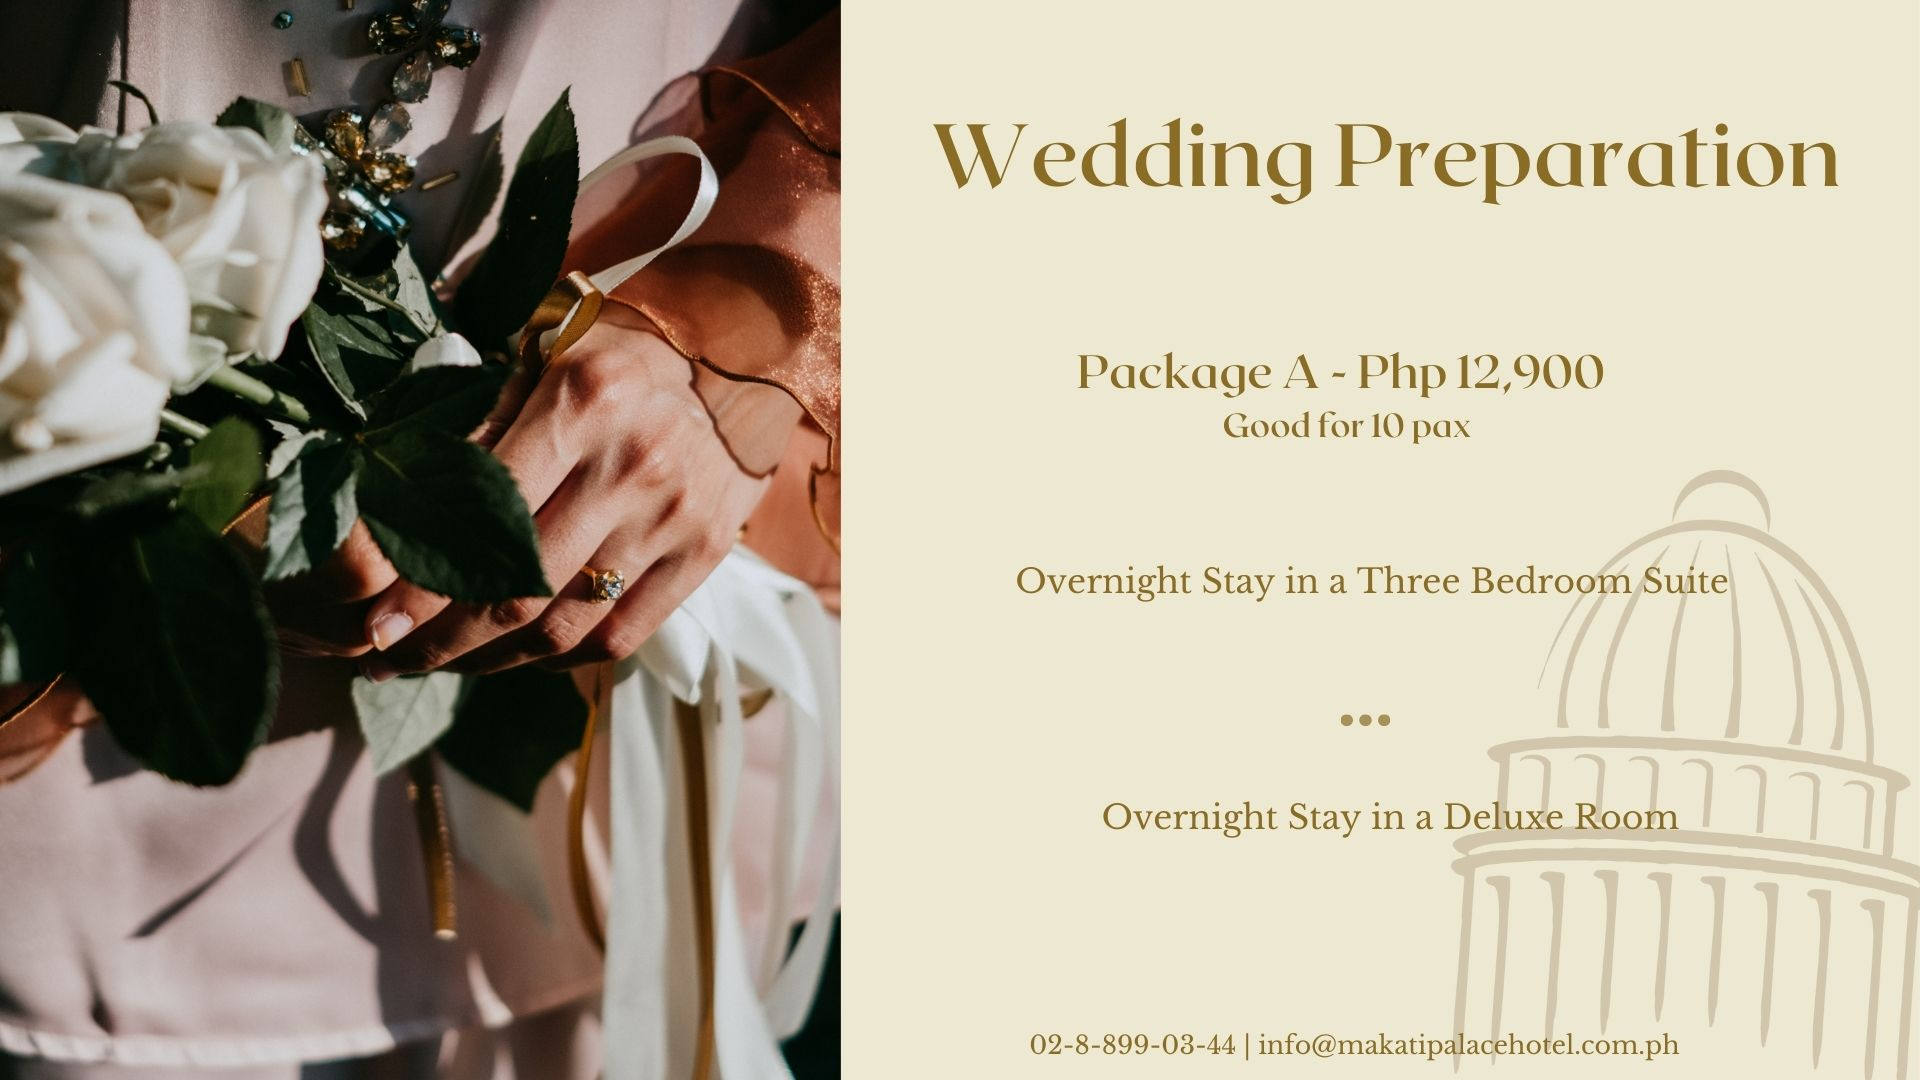 Wedding Preparation Package in Makati Hotel